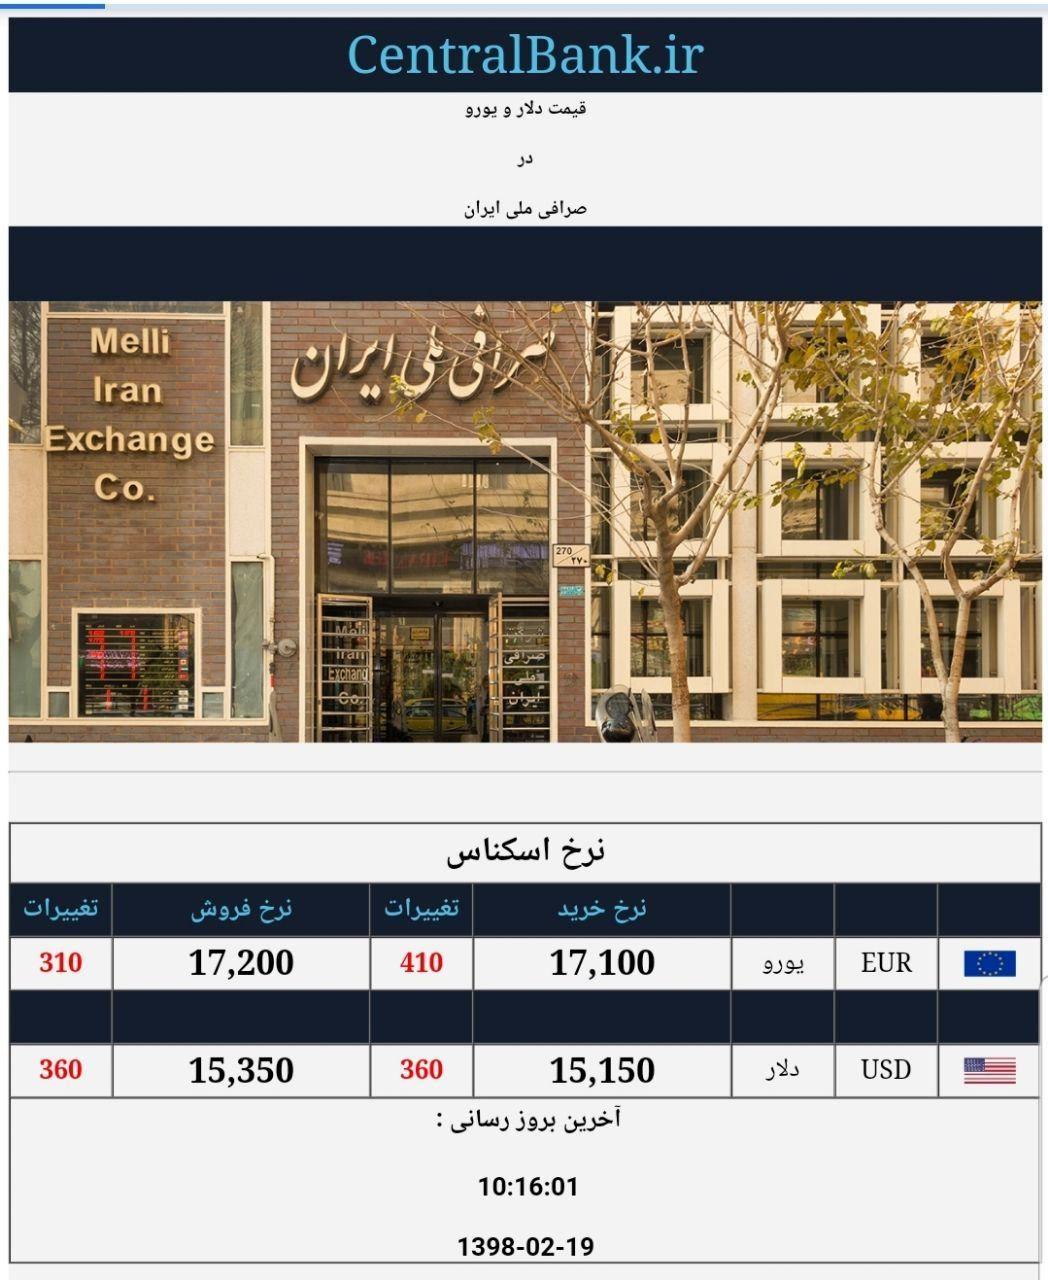 قیمت دلار و یورو در صرافی ملی امروز ۱۳۹۸/۰۲/۱۹| صعود قیمت دلار به کانال ۱۵ هزار تومان